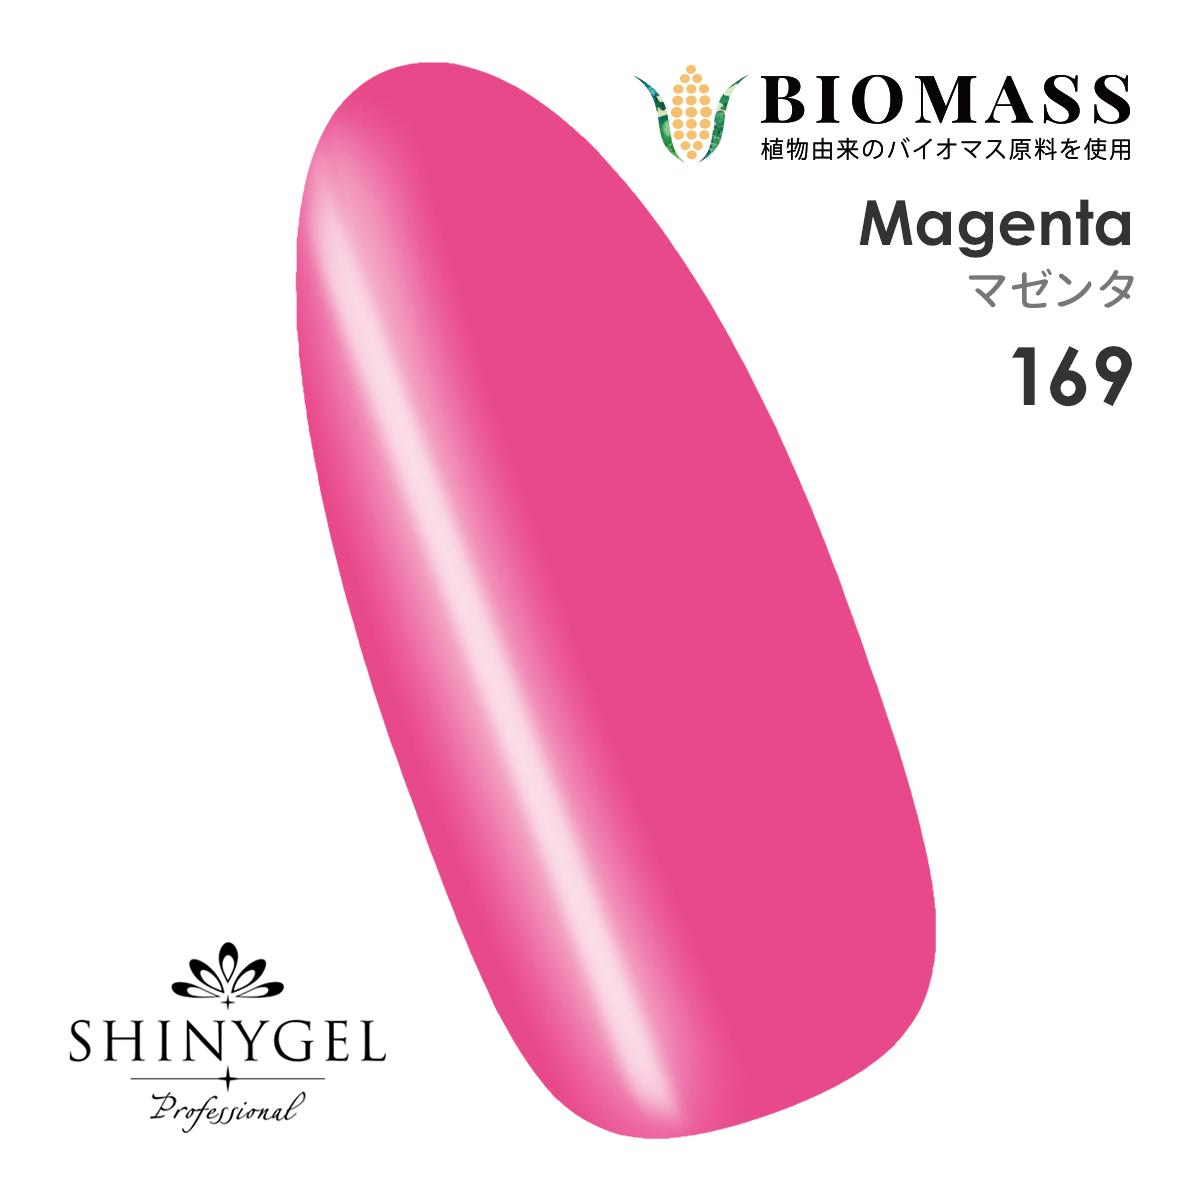 SHINYGEL Professional:カラージェル(三原色カラー)169/マゼンタ 4g(シャイニージェルプロフェッショナル)[UV/LED対応○](JNA検定対応) $